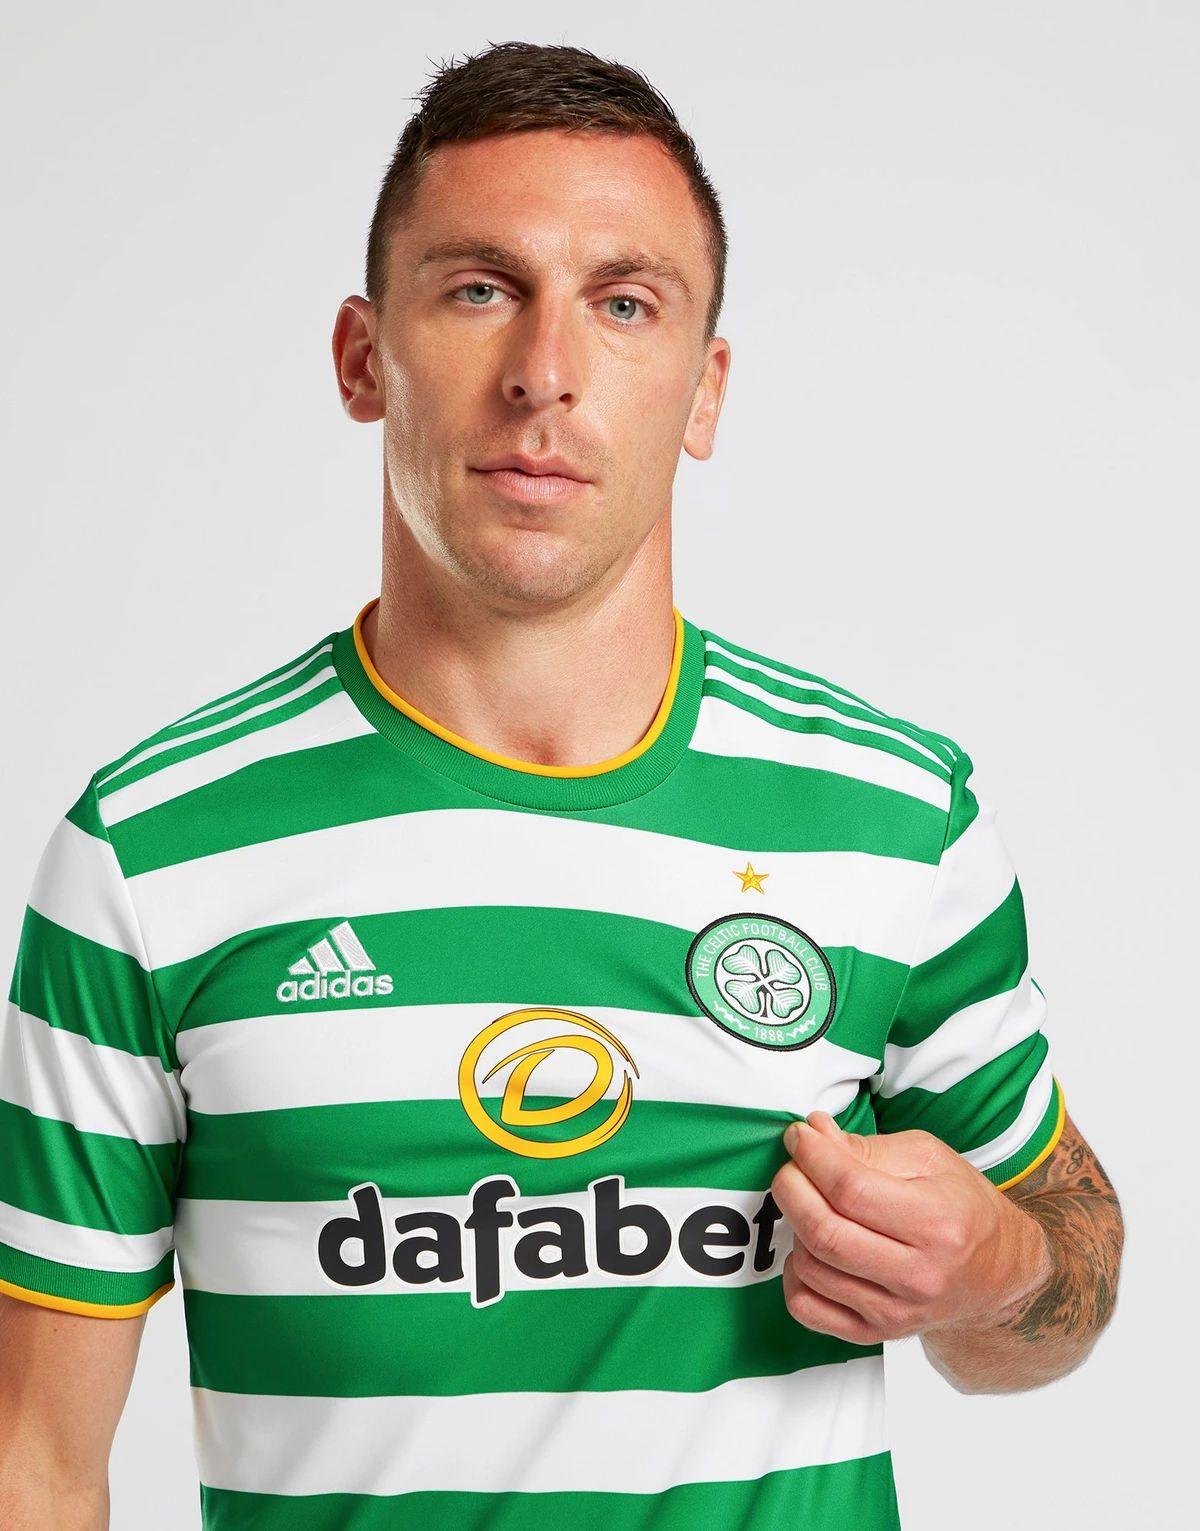 Camiseta Celtic de Glasgow. Todas las tallas. Envío gratuito a tienda